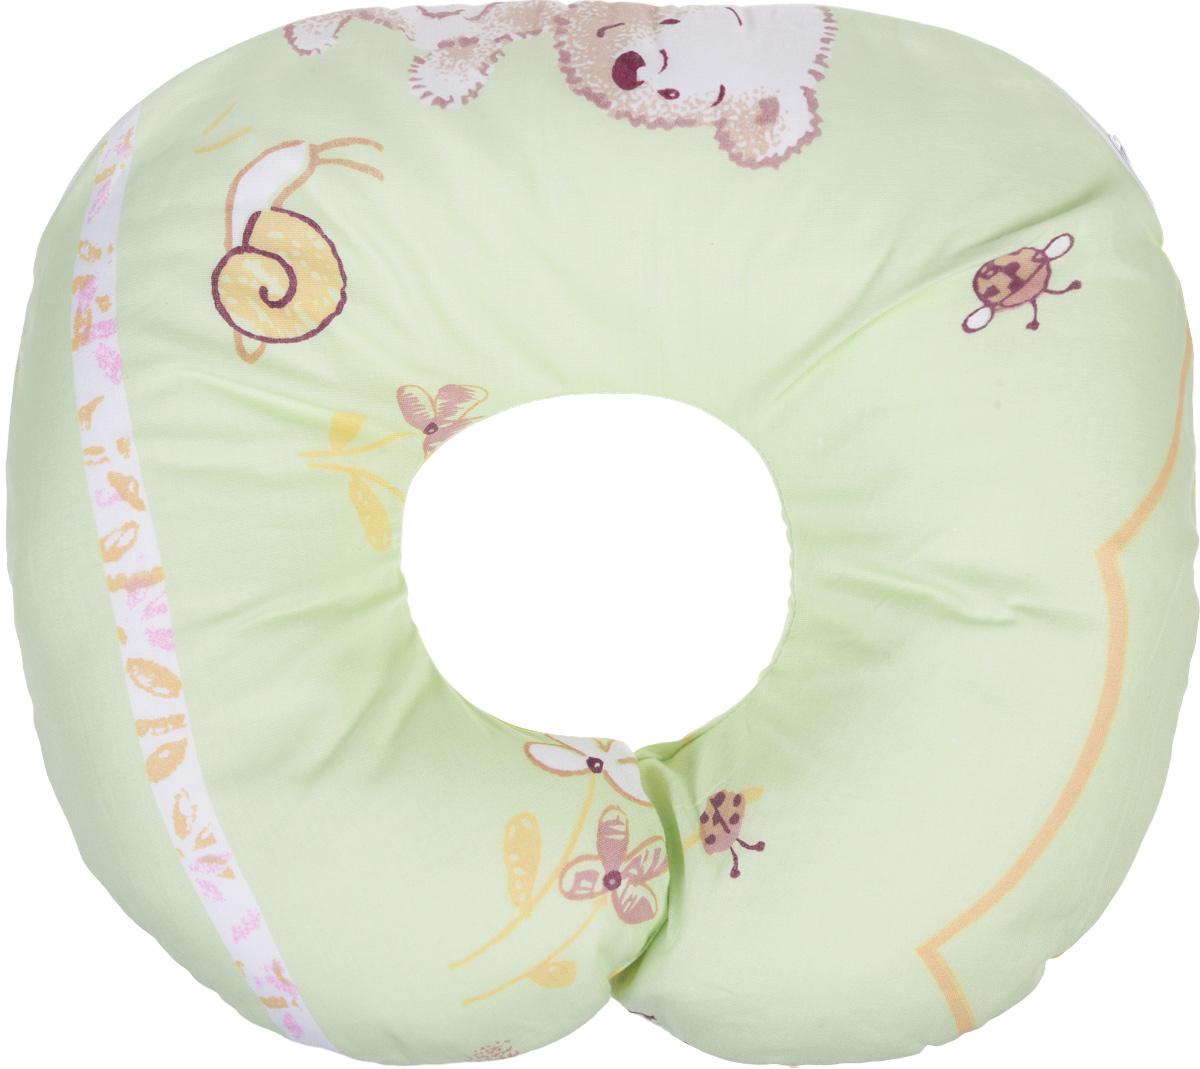 Selby Подушка-воротник для младенца Мишки и улитка 30 см х 25 см5582_мишки, улиткаДетская подушка-воротник Selby Мишки и улитка изготовлена из мягкого натурального хлопка с наполнителем из пенополистирола. Подушка удобна и комфортна. Она поддерживает головку ребенка во время сна, отдыха или купания. Благодаря такой подушке при купании руки у мамы свободны, поэтому можно без труда помыть ребенка, пока он плавает. Подушка фиксируется вокруг шеи. Изделие также идеально подходит для длительных поездок в самолете, машине, коляске или автокресле. Подушка имеет съемный чехол на застежке-молнии. Уход: машинная стирка (40 °C) и деликатный отжим.